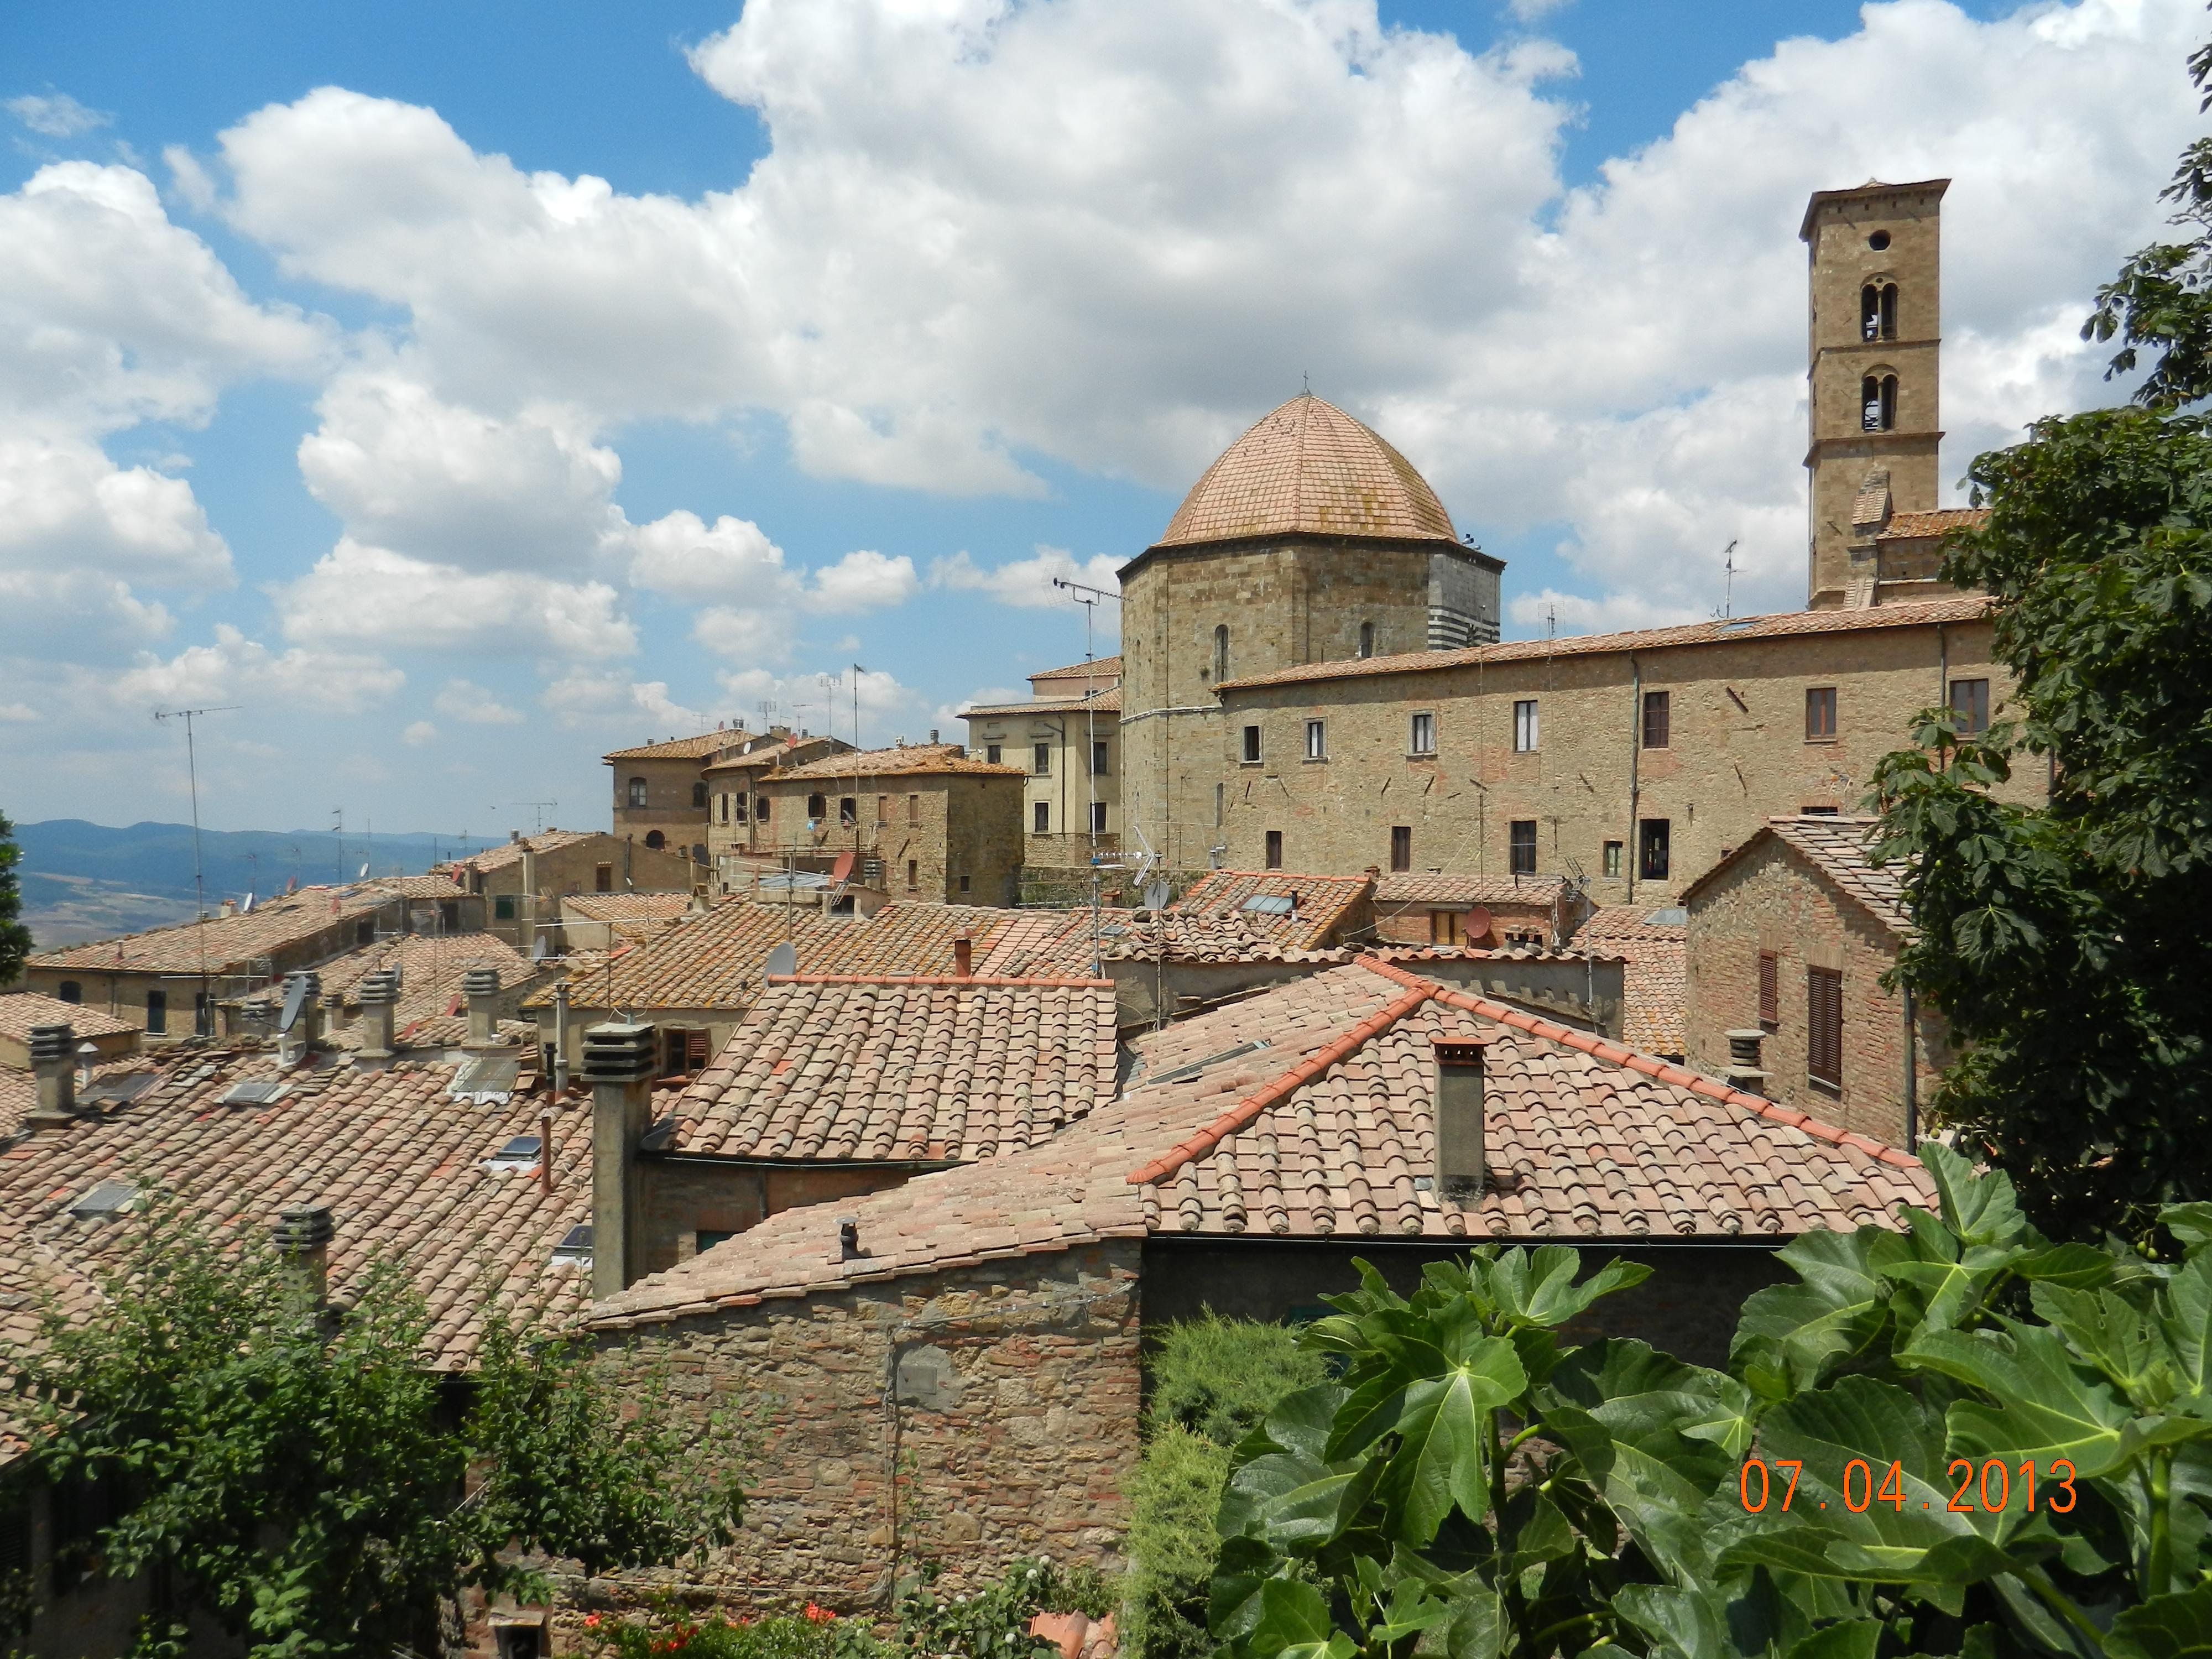 Asissi, (Umbria)